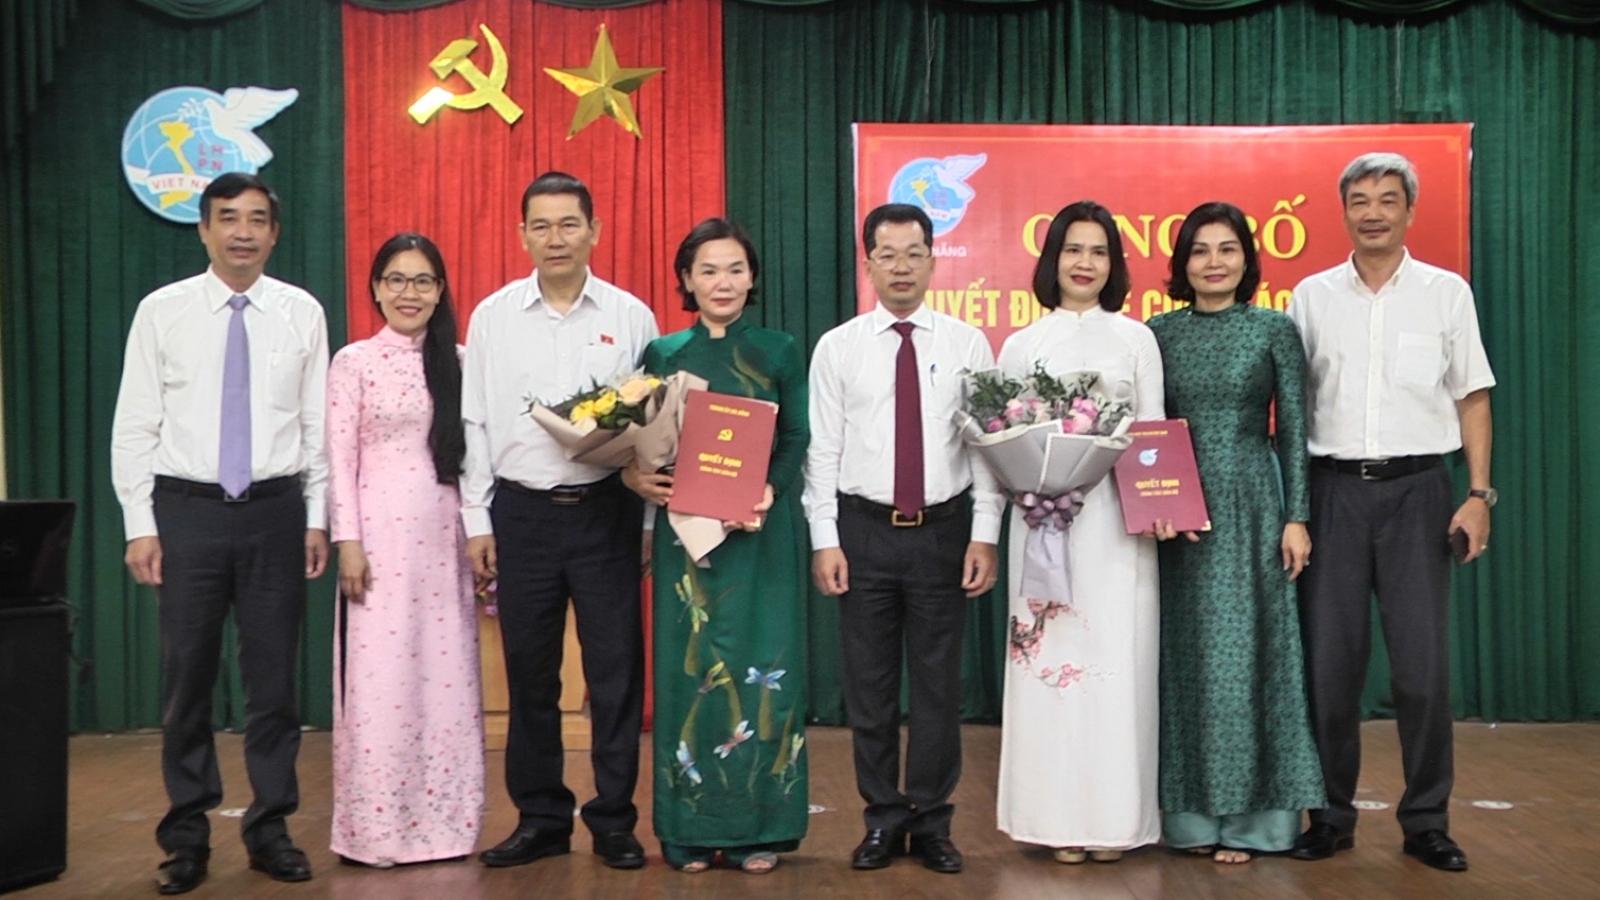 20 cán bộ lãnh đạo tại Đà Nẵng xin nghỉ trước tuổi